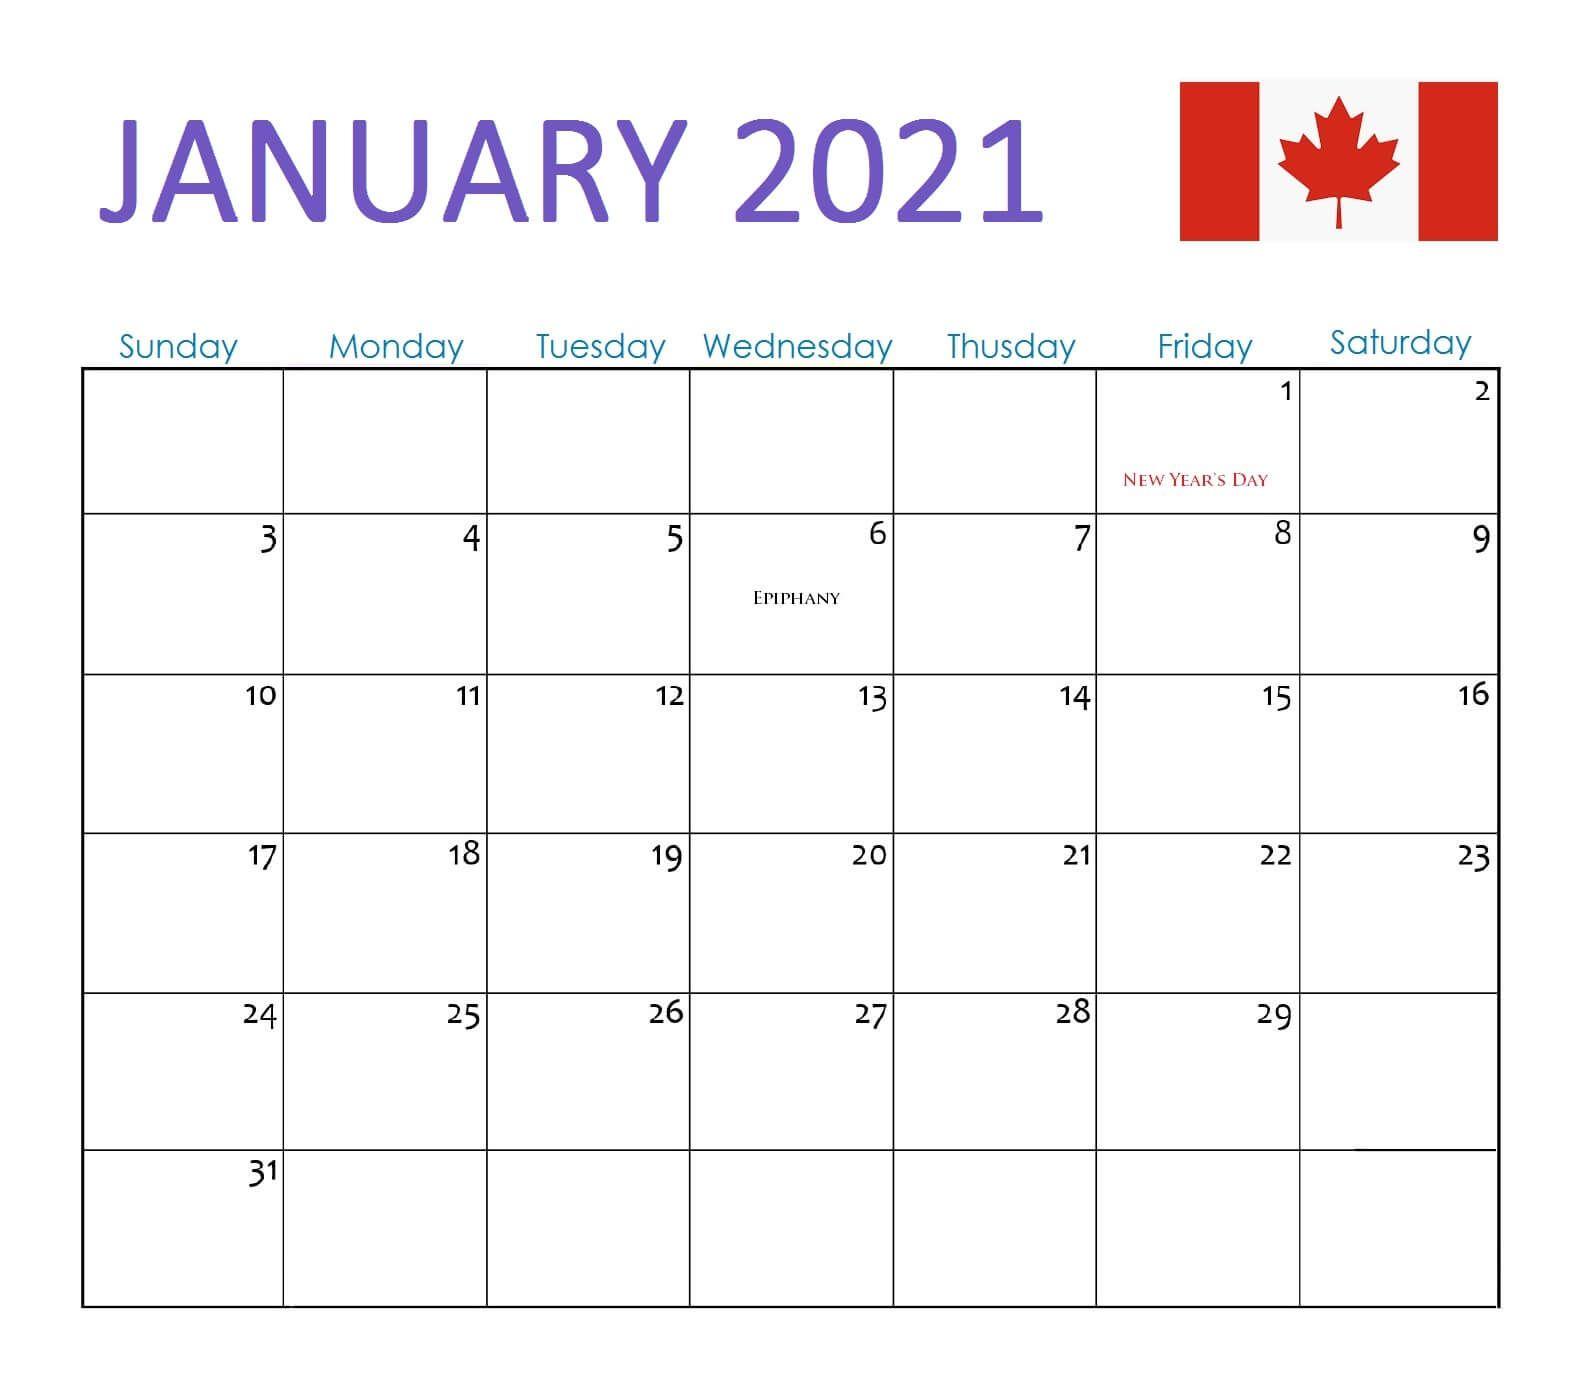 January 2021 Calendar Canada With Holidays | 2021 Calendar